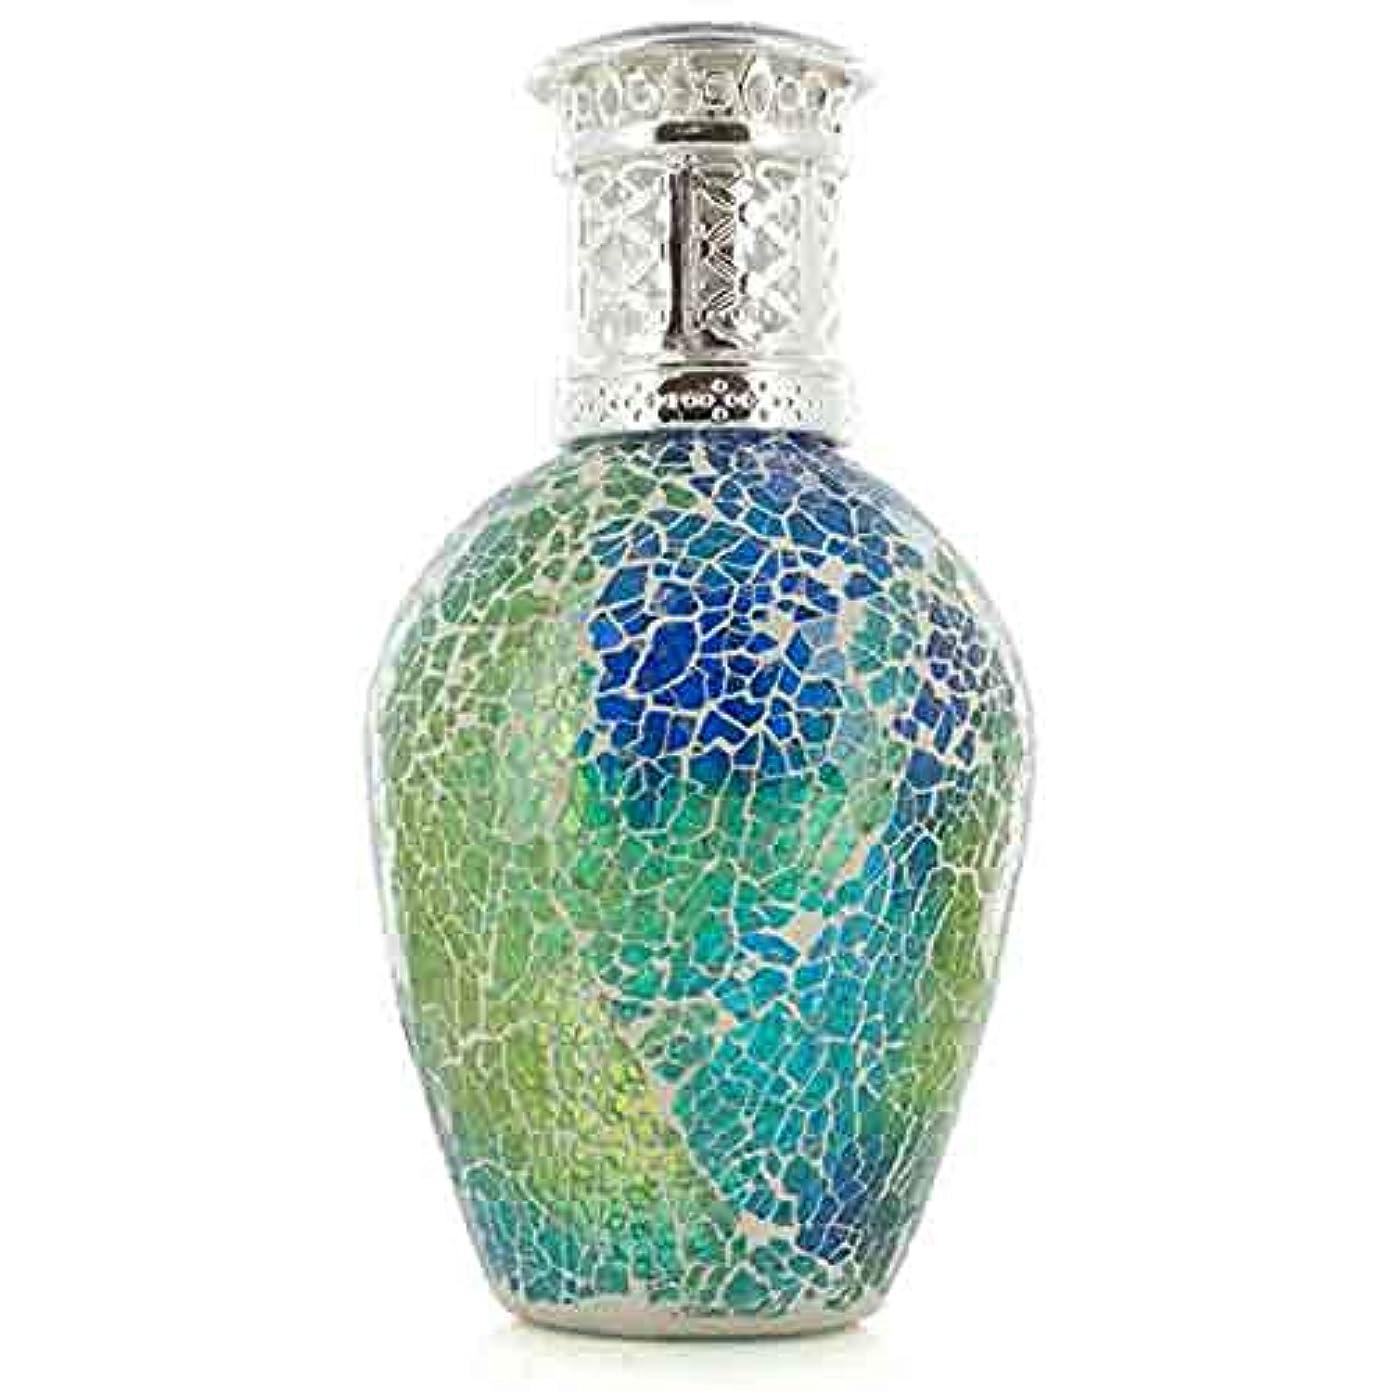 セール受信機鷹Ashleigh&Burwood フレグランスランプ L モザイクメドゥー FragranceLamps sizeL MosaicMeadow アシュレイ&バーウッド